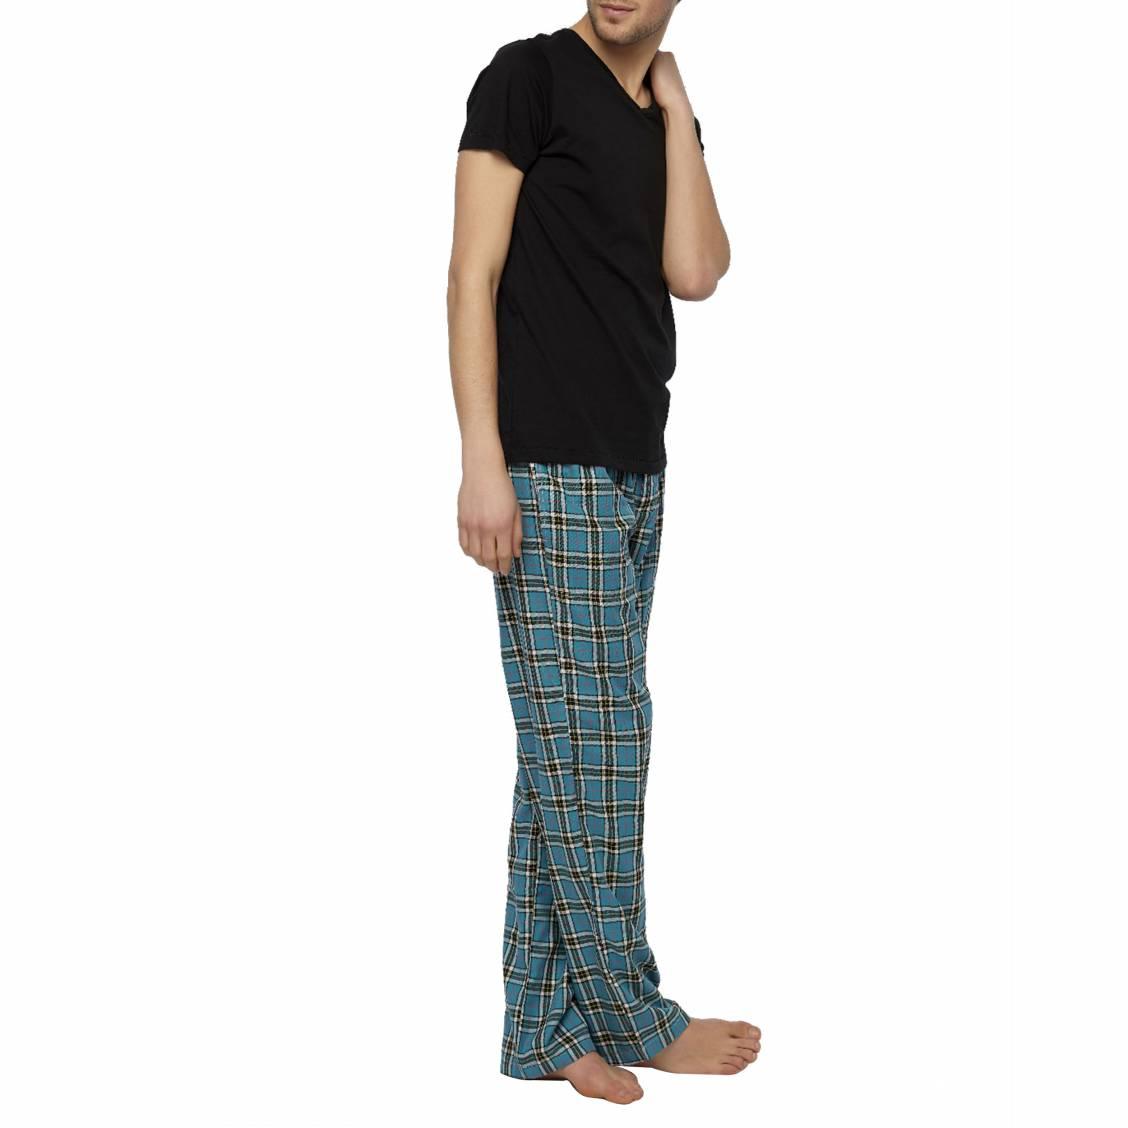 Pantalon de pyjama Arthur Angus en coton à carreaux bleu turquoise, verts, rouges et blancs